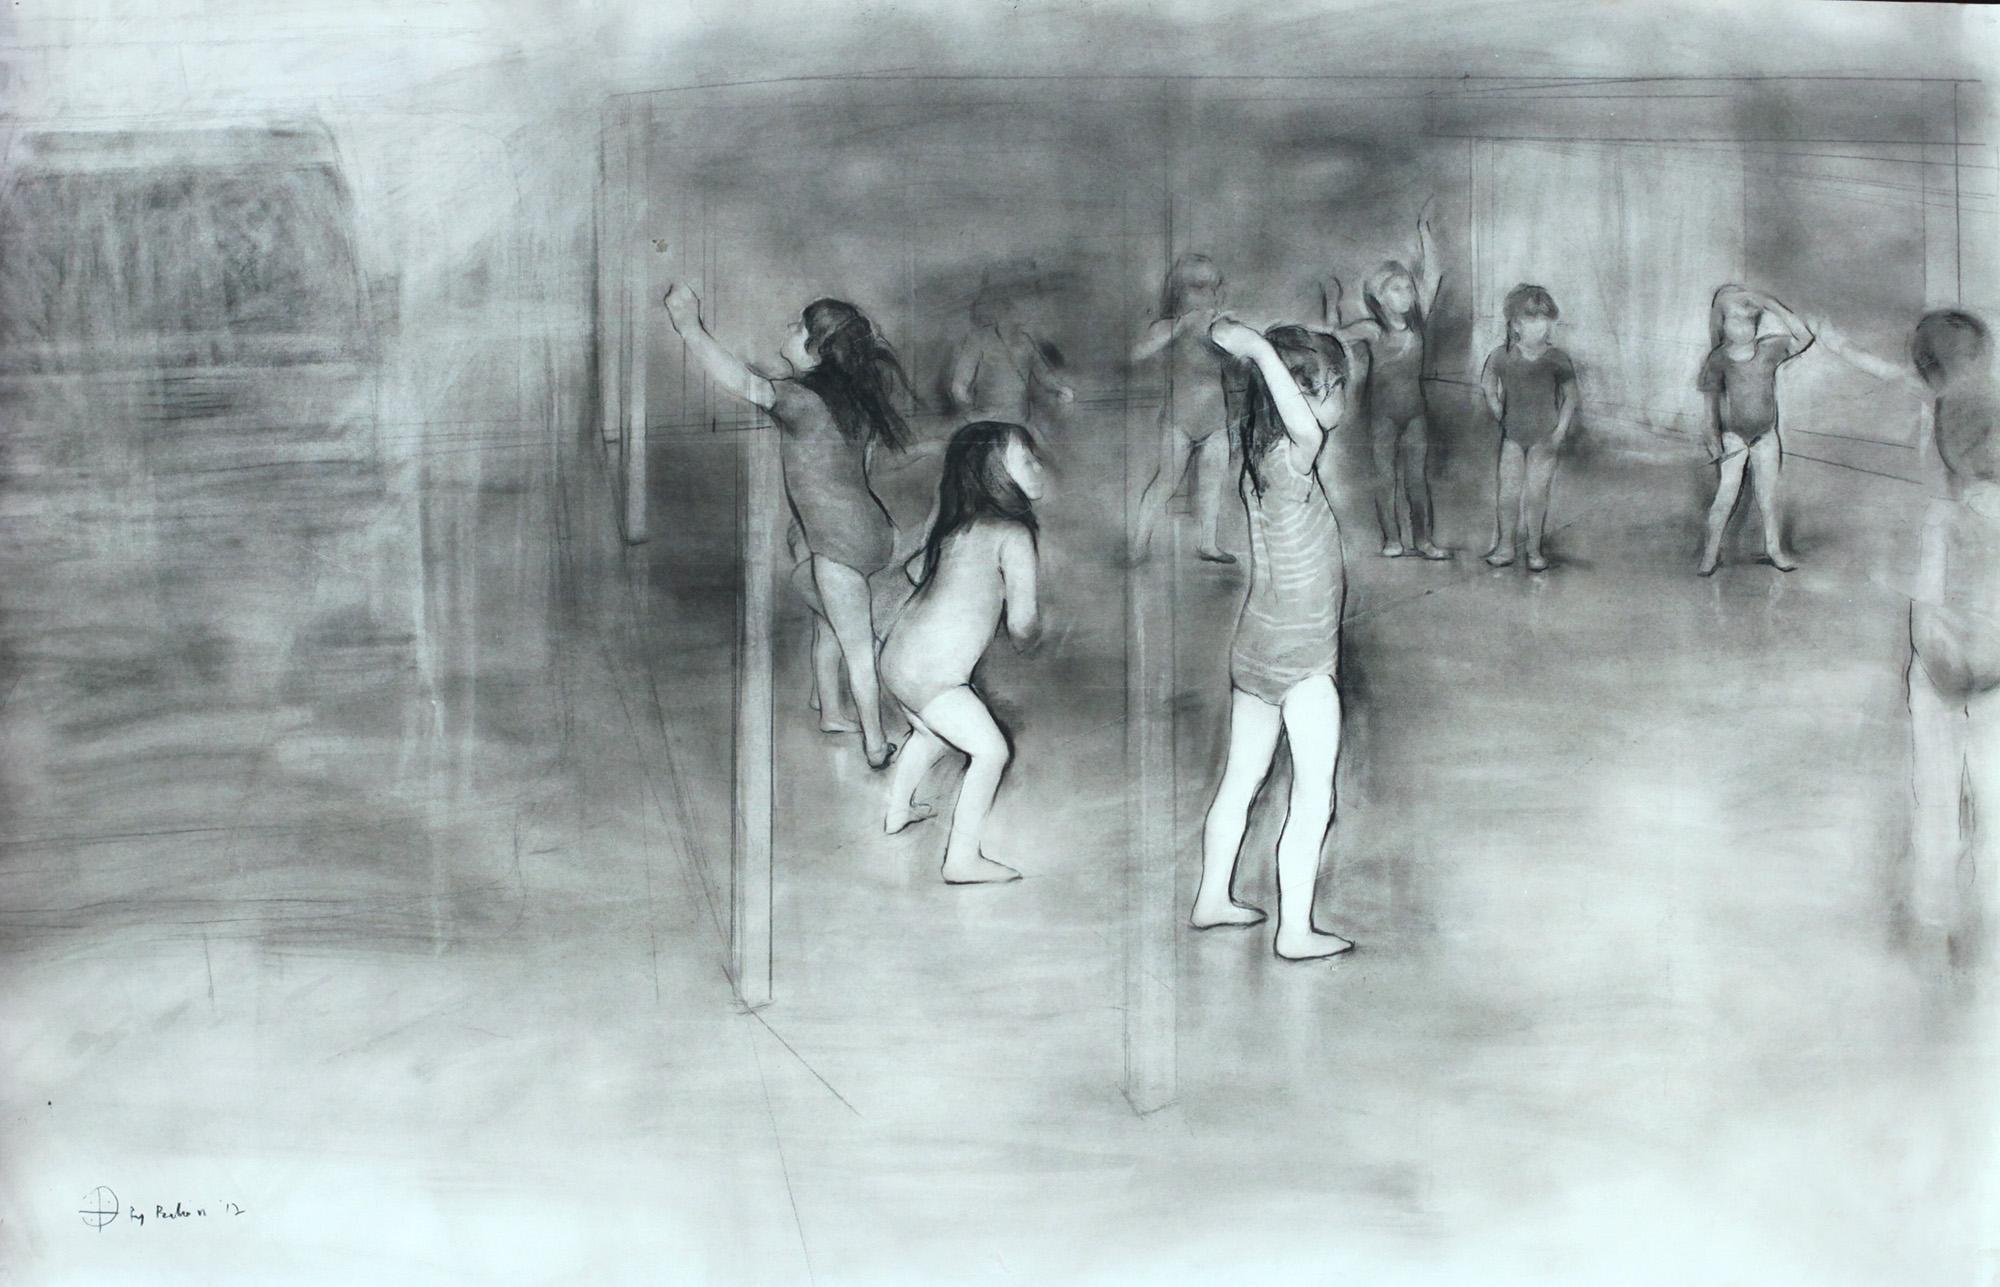 https://sparksgallery.com/wp-content/uploads/2019/01/Dance-Class.jpg